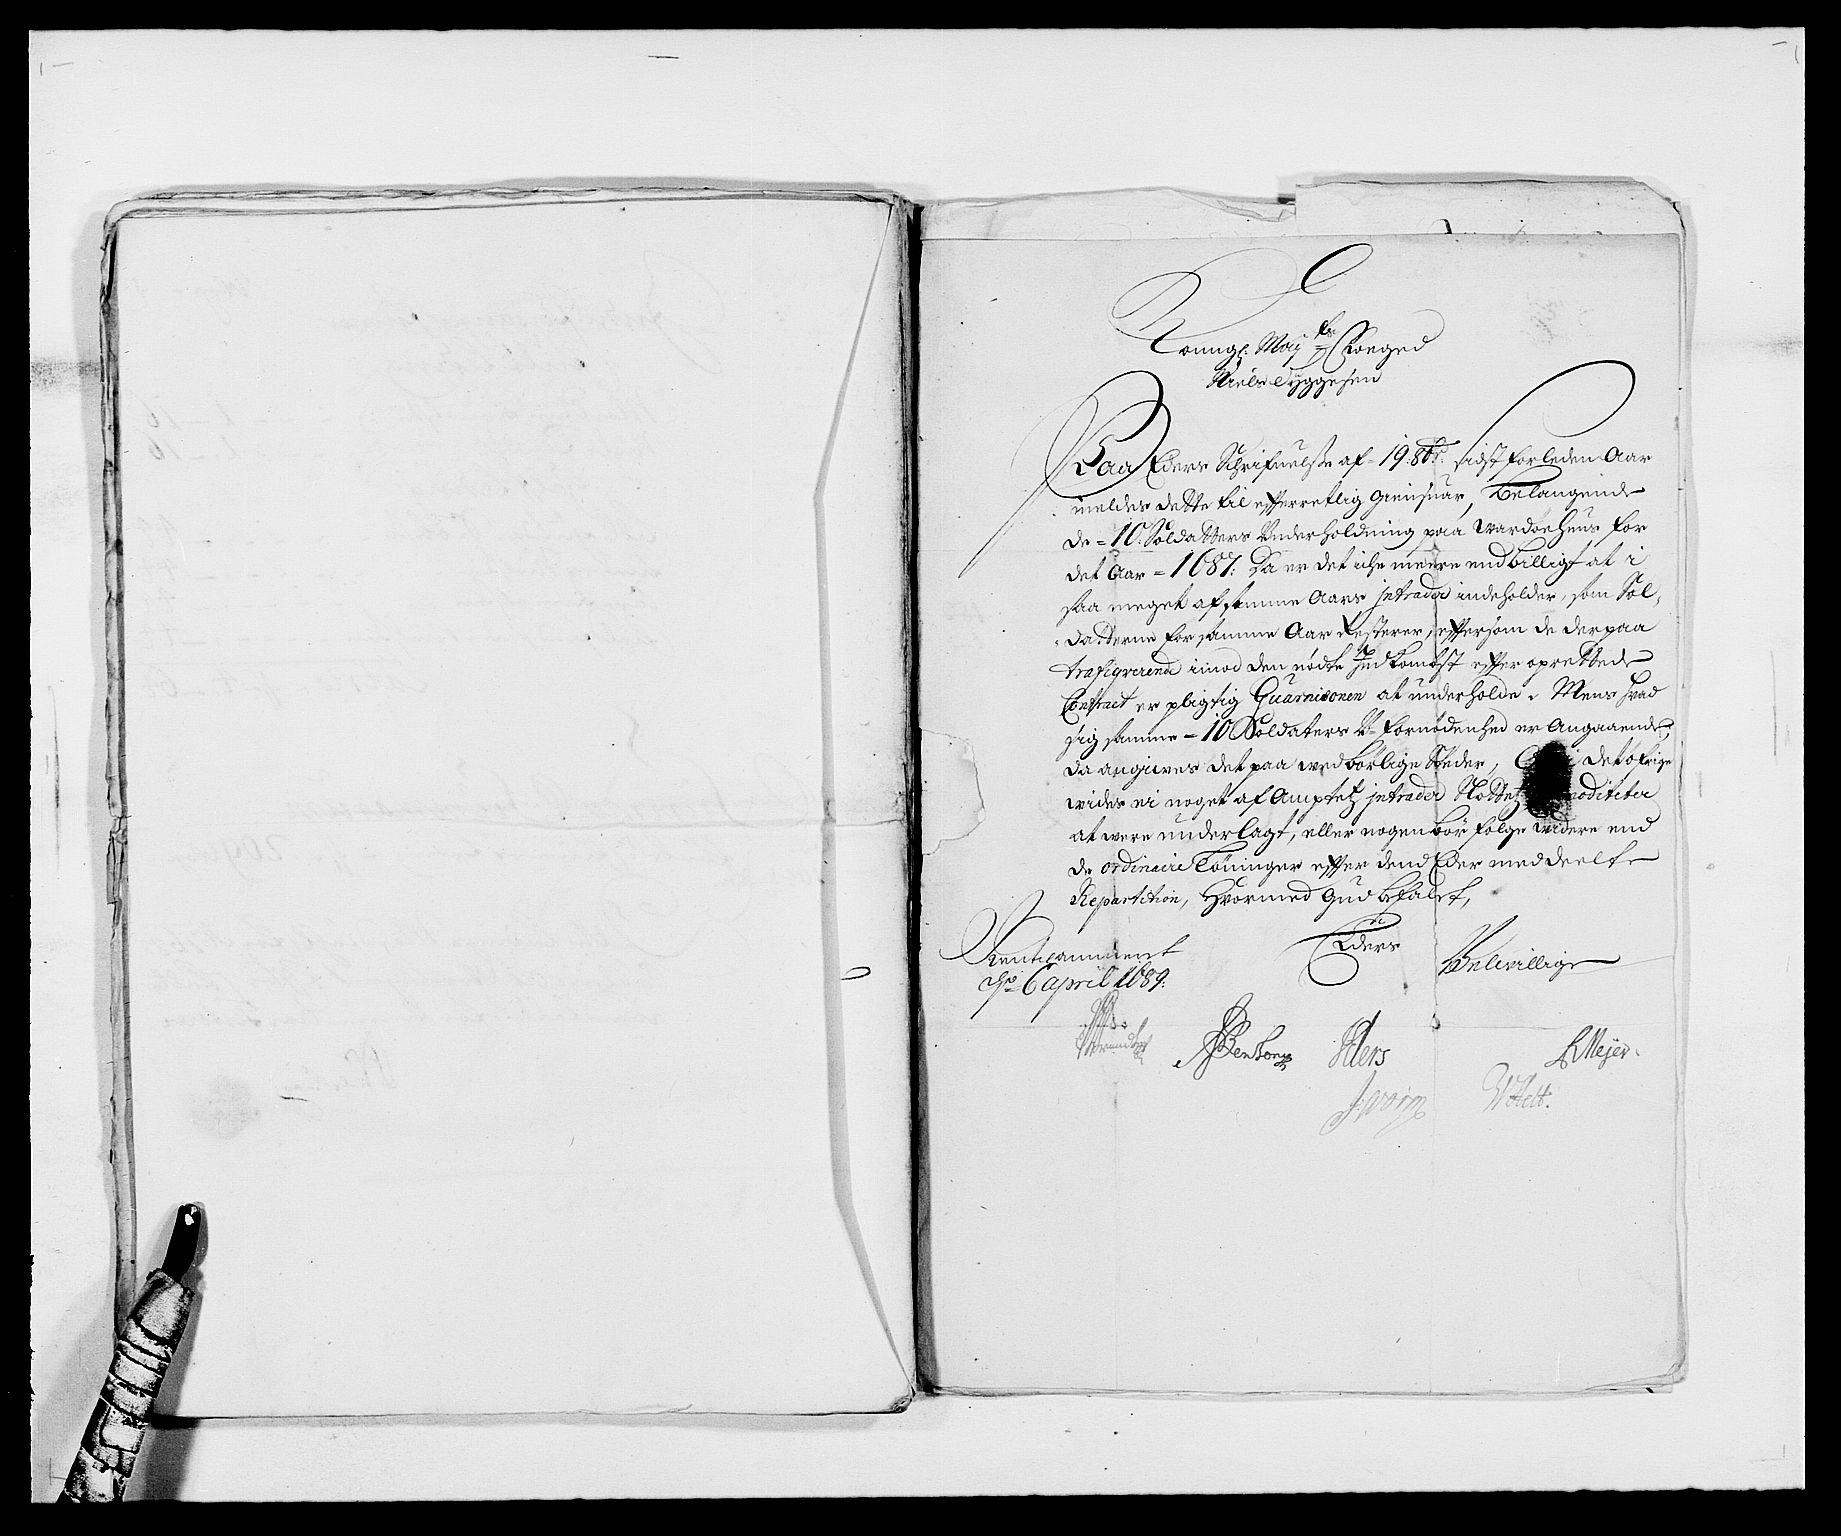 RA, Rentekammeret inntil 1814, Reviderte regnskaper, Fogderegnskap, R69/L4850: Fogderegnskap Finnmark/Vardøhus, 1680-1690, s. 190